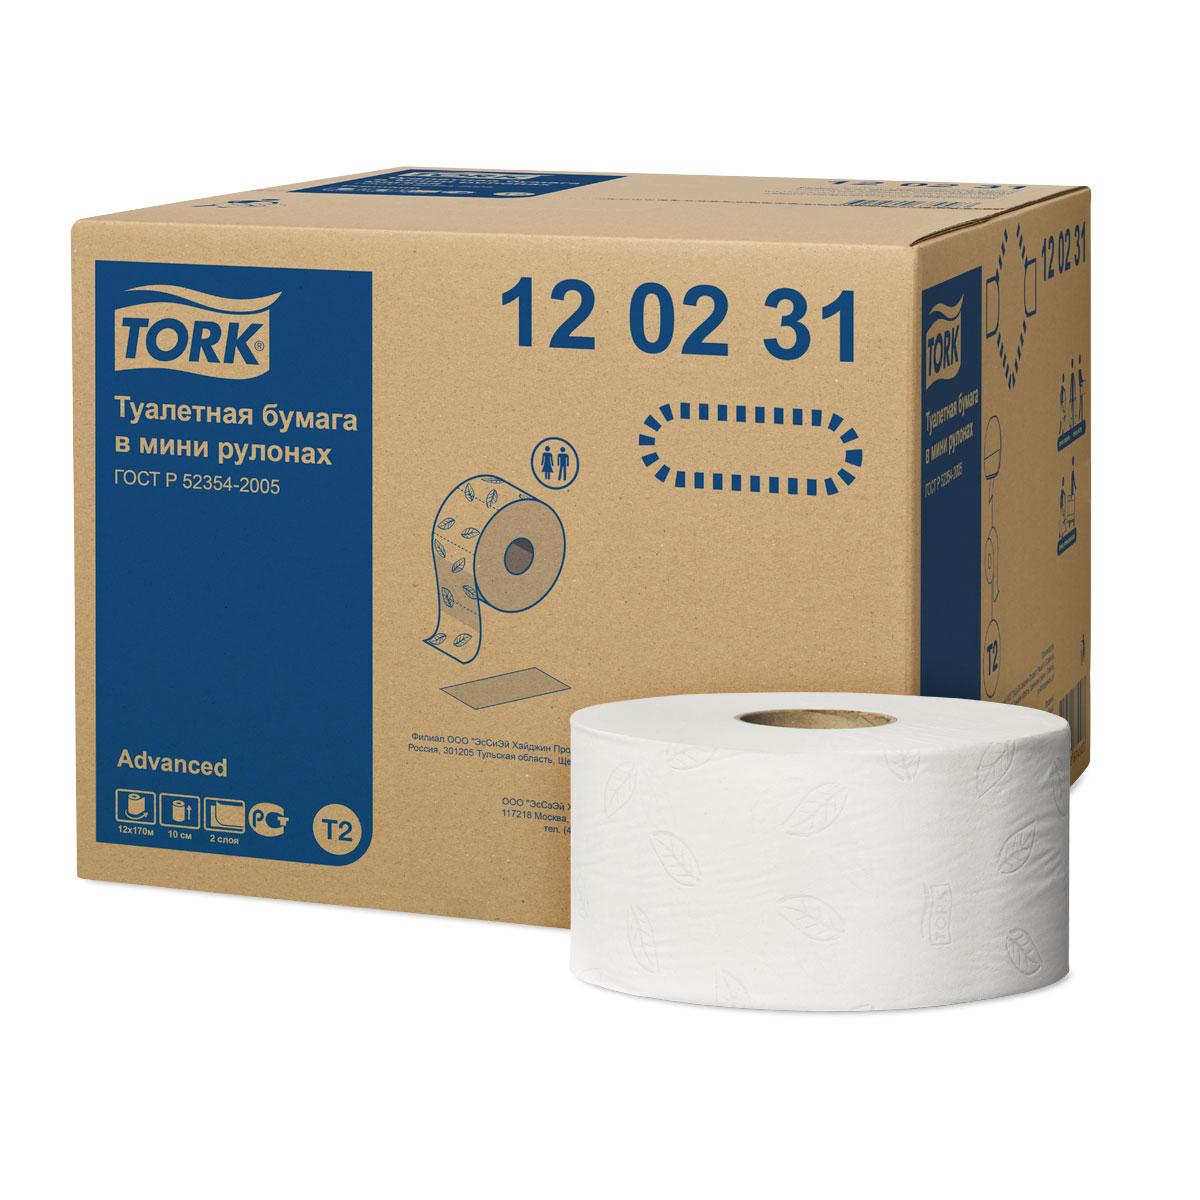 Tork туалетная бумага в мини рулонах 2-сл. 170м, коробка 12 шт120231Двухслойная туалетная бумага Tork в мини-рулонах. Оптимально подходит для применения в местах средней и высокой проходимости. Отличается высокими впитывающими характеристиками. Система Т2. Категория качества – Advanced. Переработанное сырьё белого цвета с тиснением. С перфорацией. Длина 170 м (1214 листов), ширина 97 мм. В 1 коробке 12 рулонов.